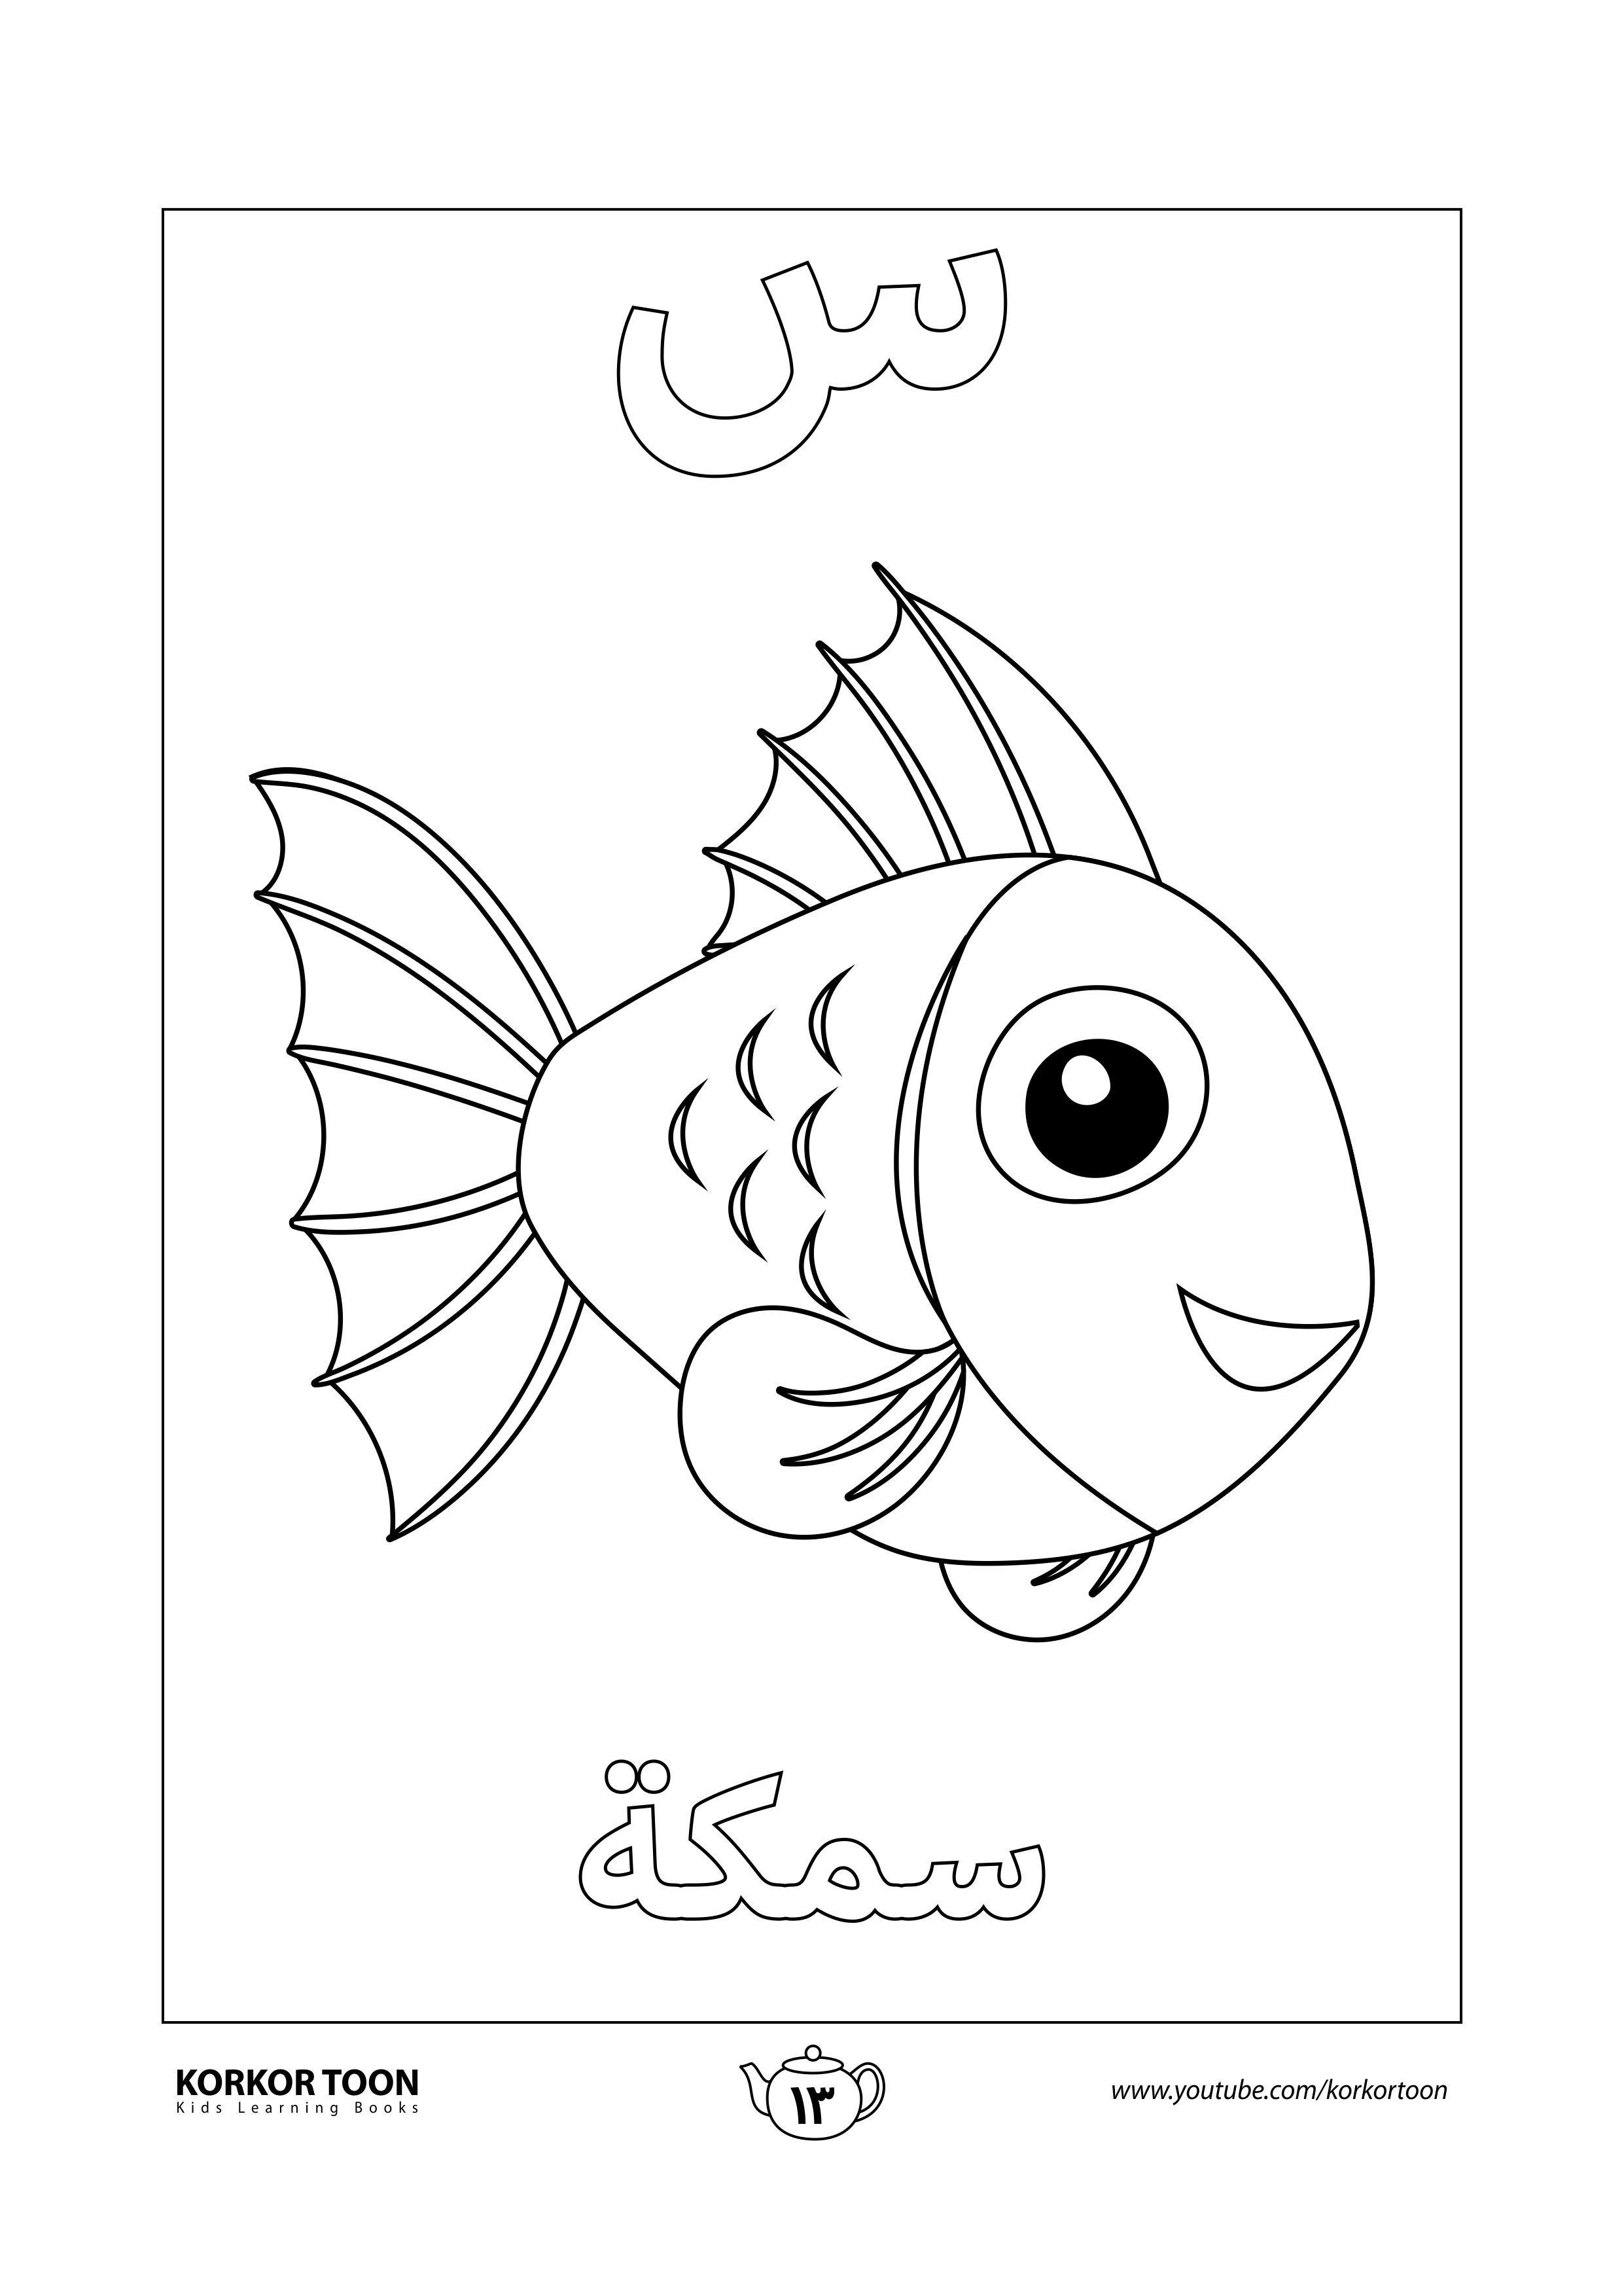 صفحة تلوين حرف السين كتاب تلوين الحروف العربية للأطفال Preschool Math Worksheets Learning Arabic Preschool Math